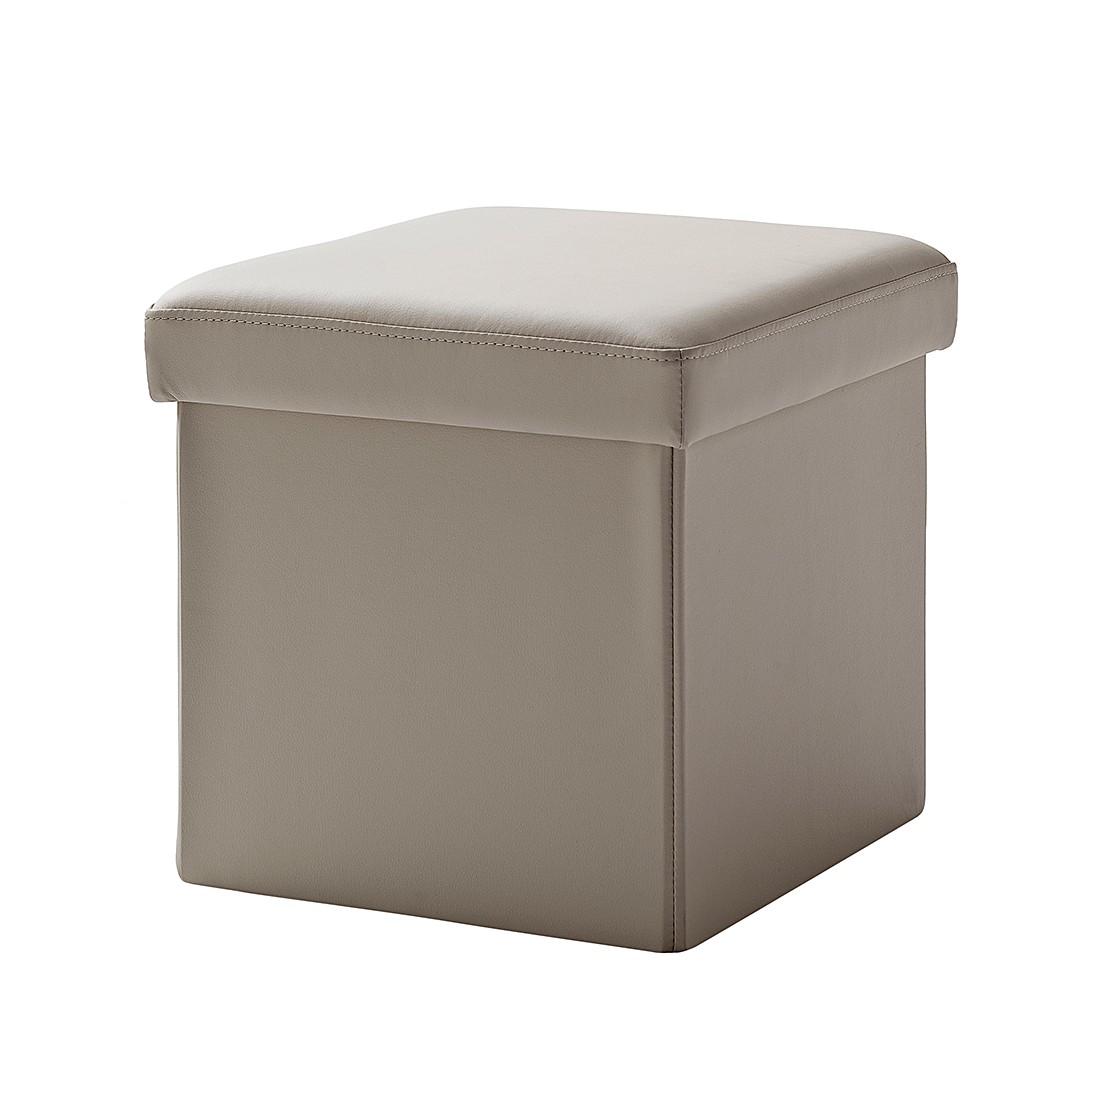 Gestoffeerde zitkubus Cube (met deksel) - kunstleer - donkerbruin, meise möbel